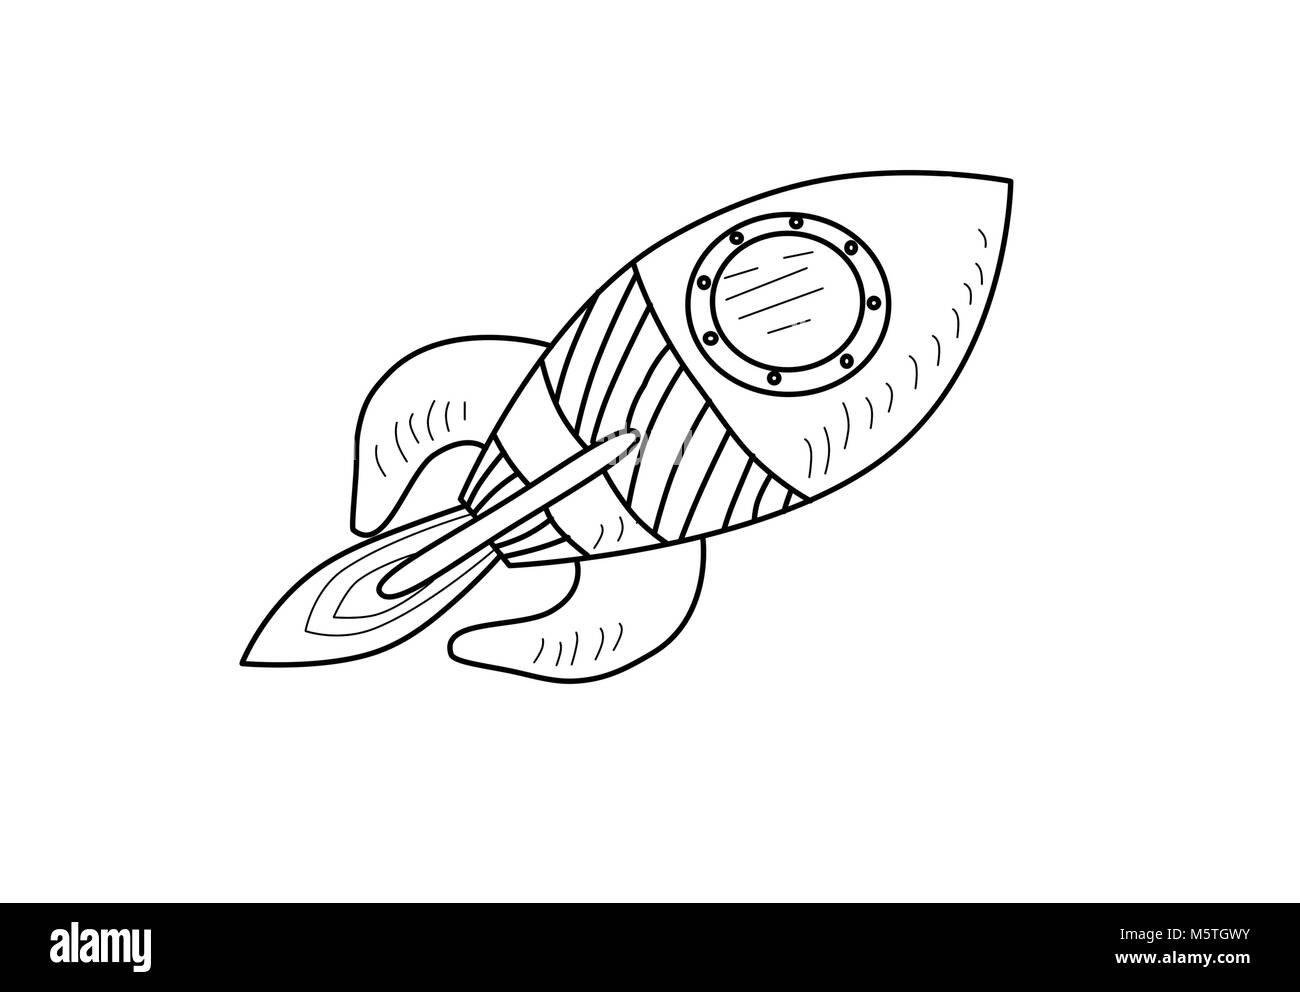 Cartoon carino Rocket illustrazione Immagini Stock